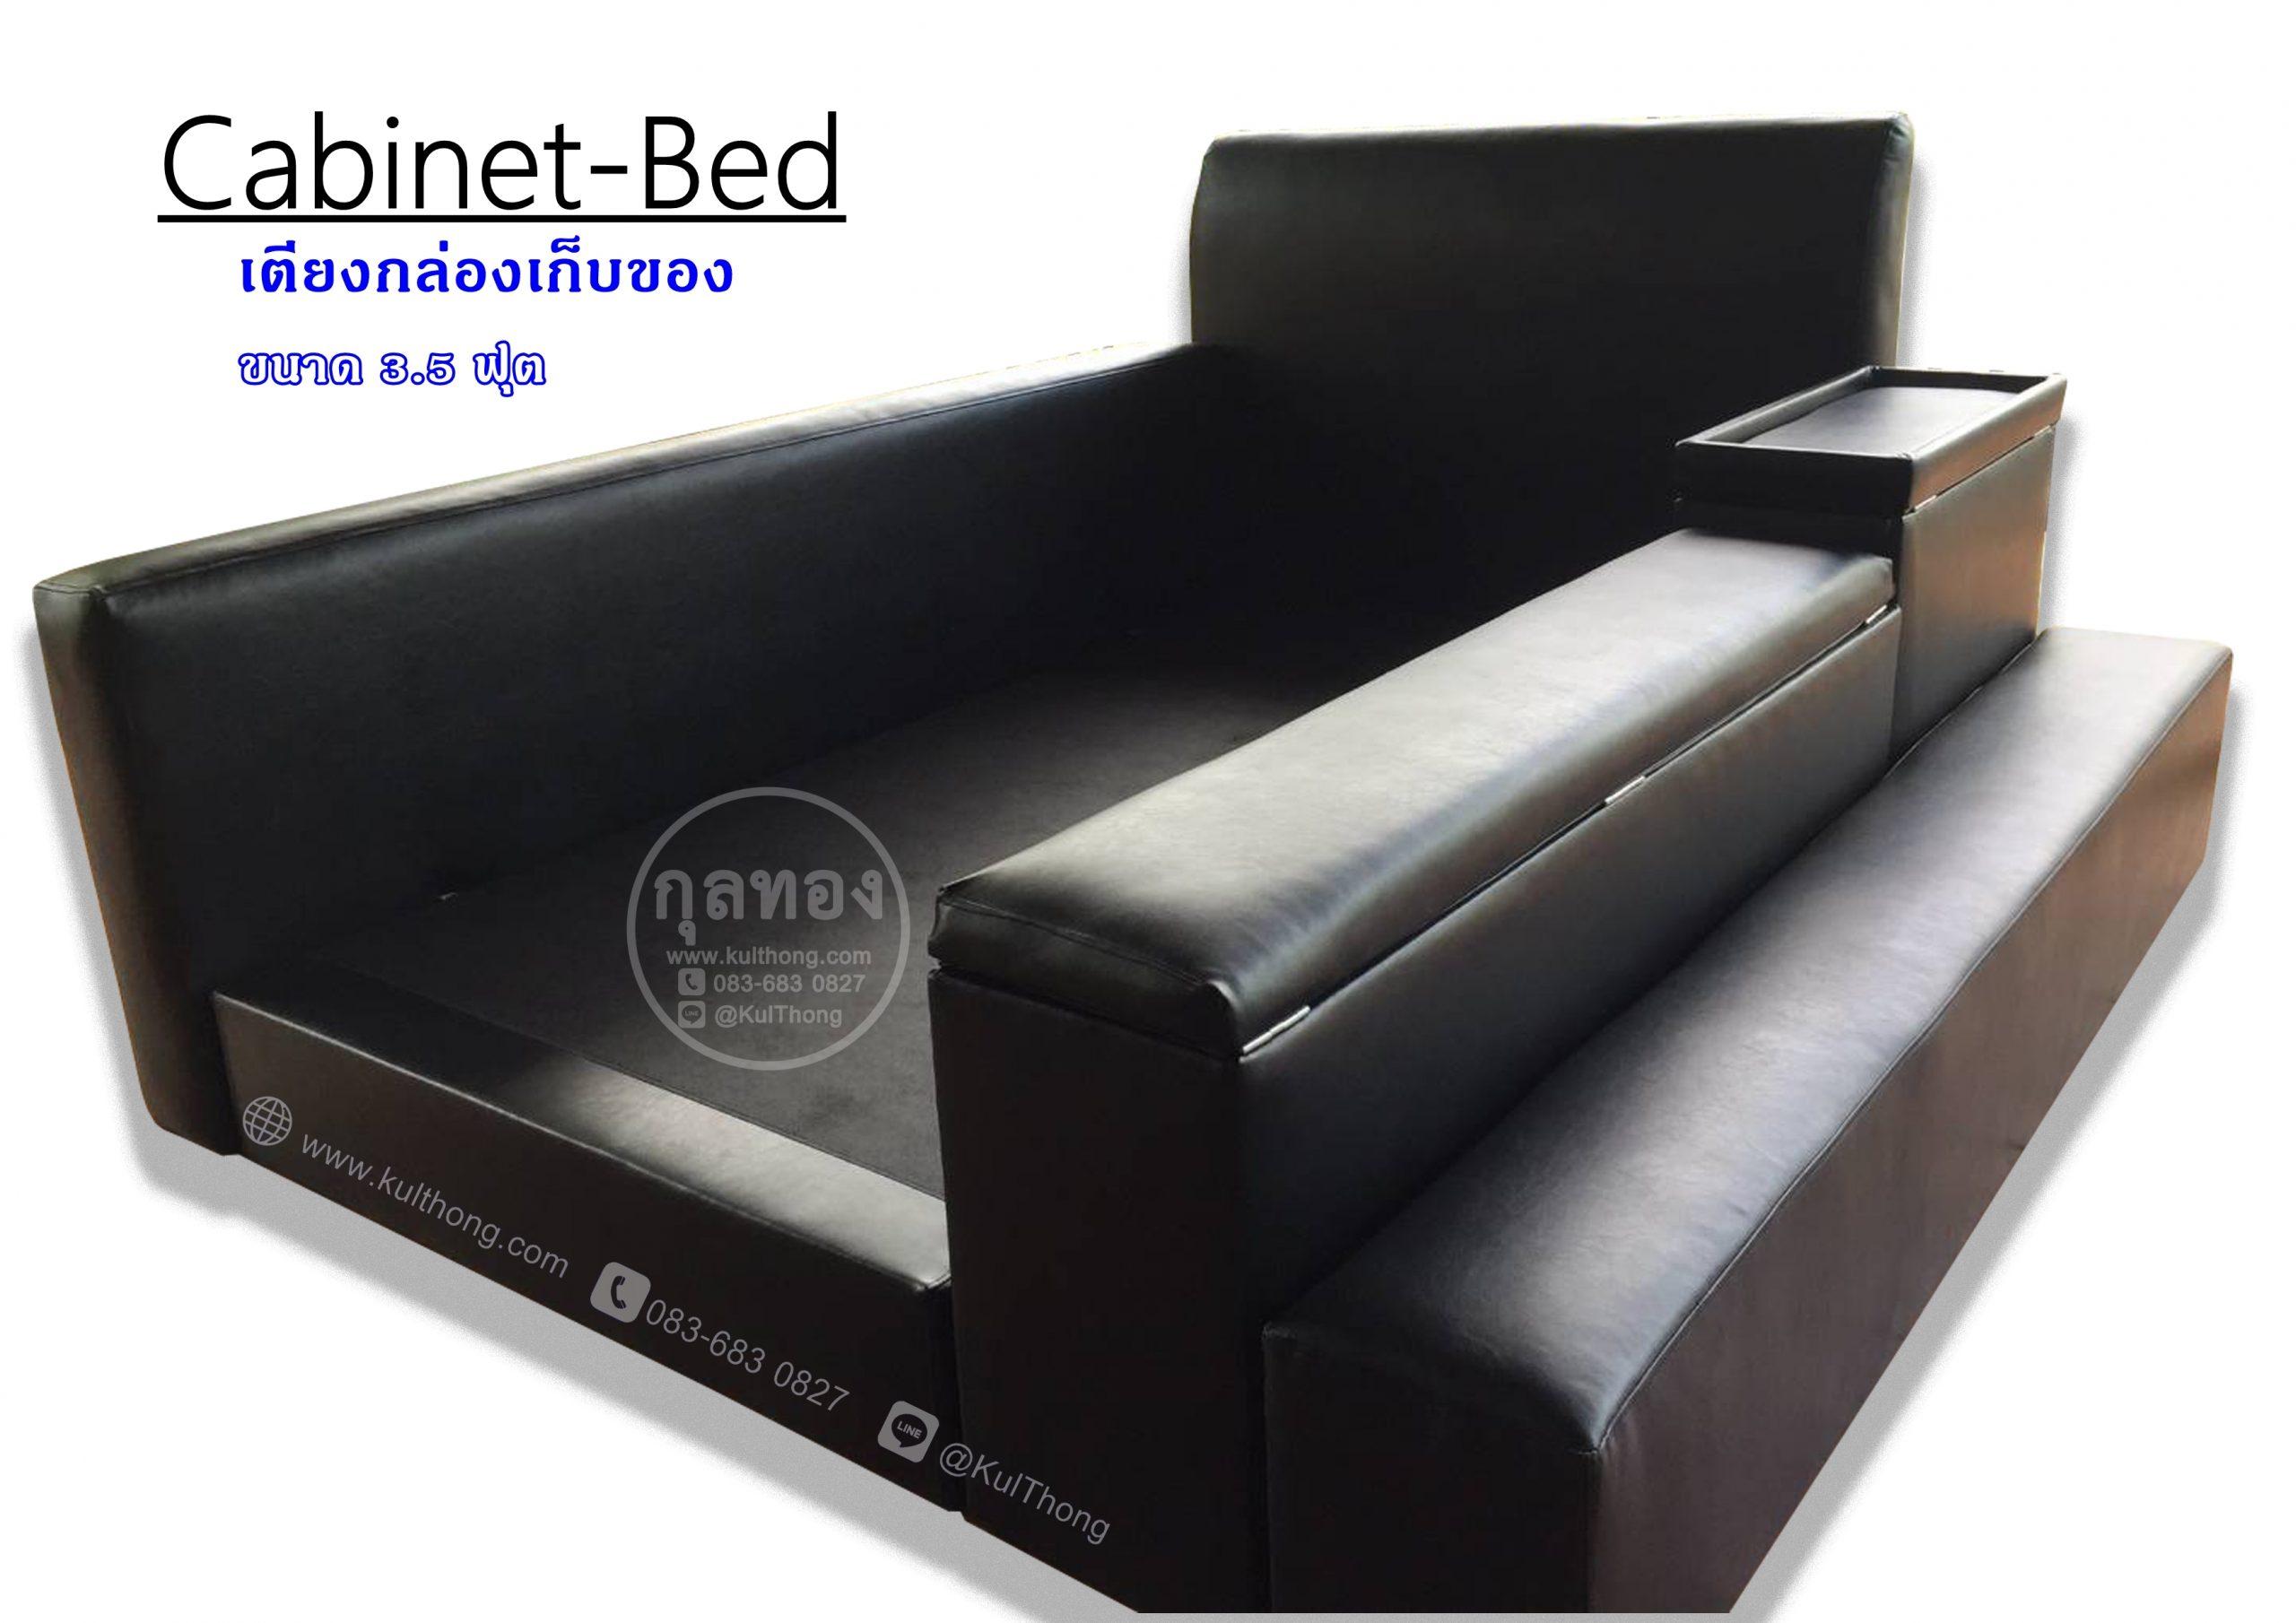 เตียงกล่องเก็บของ เตียงกล่องดีไซน์ เตียงเปิดเก็บของ เตียงมีตู้รอบทิศ